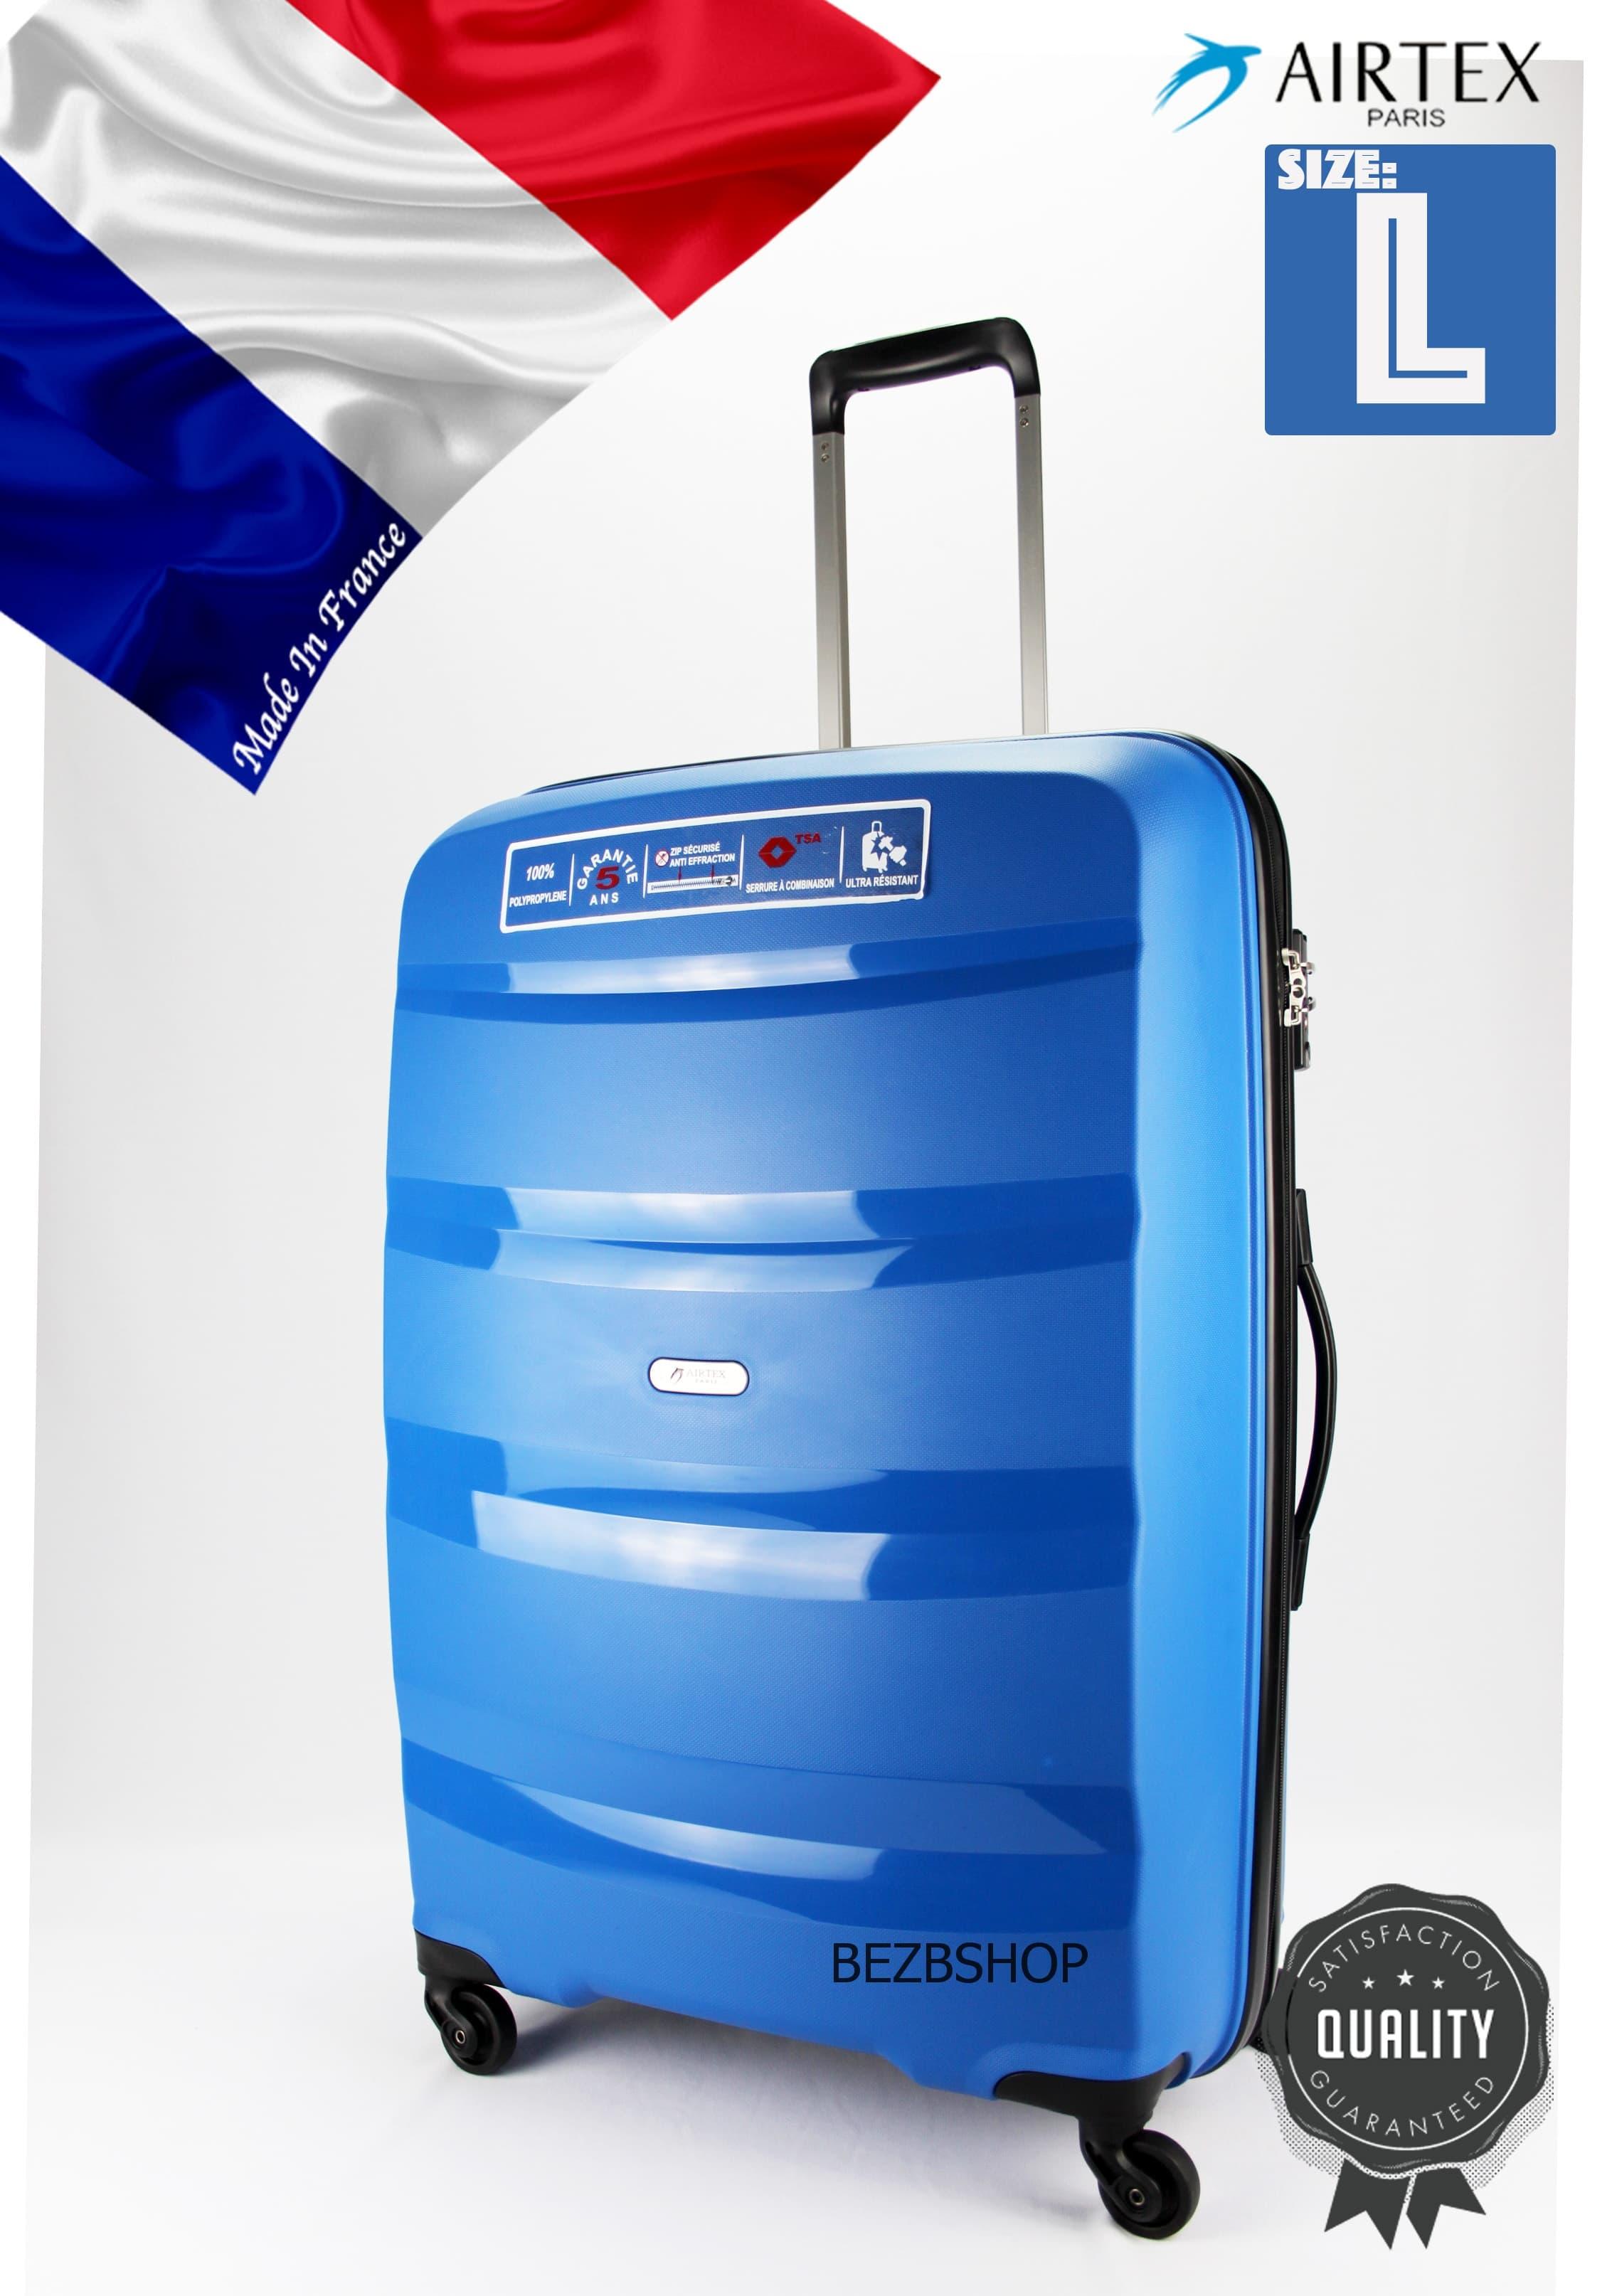 Французский ударостойкий чемодан Большой из полипропилена на 4 колесах Для багажа ,до 23 кг